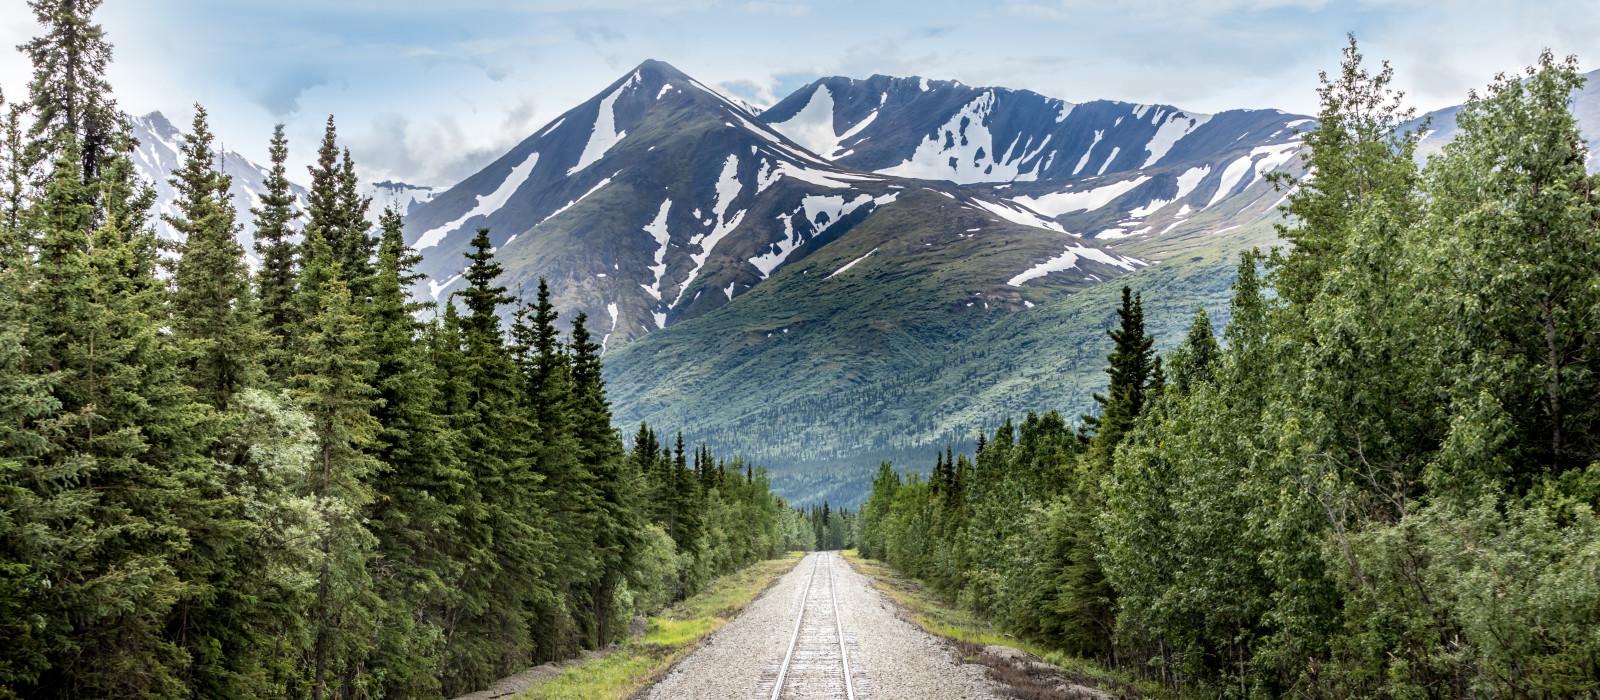 Bergkette und Eisenbahnschienen im Denali-Nationalpark Alaska